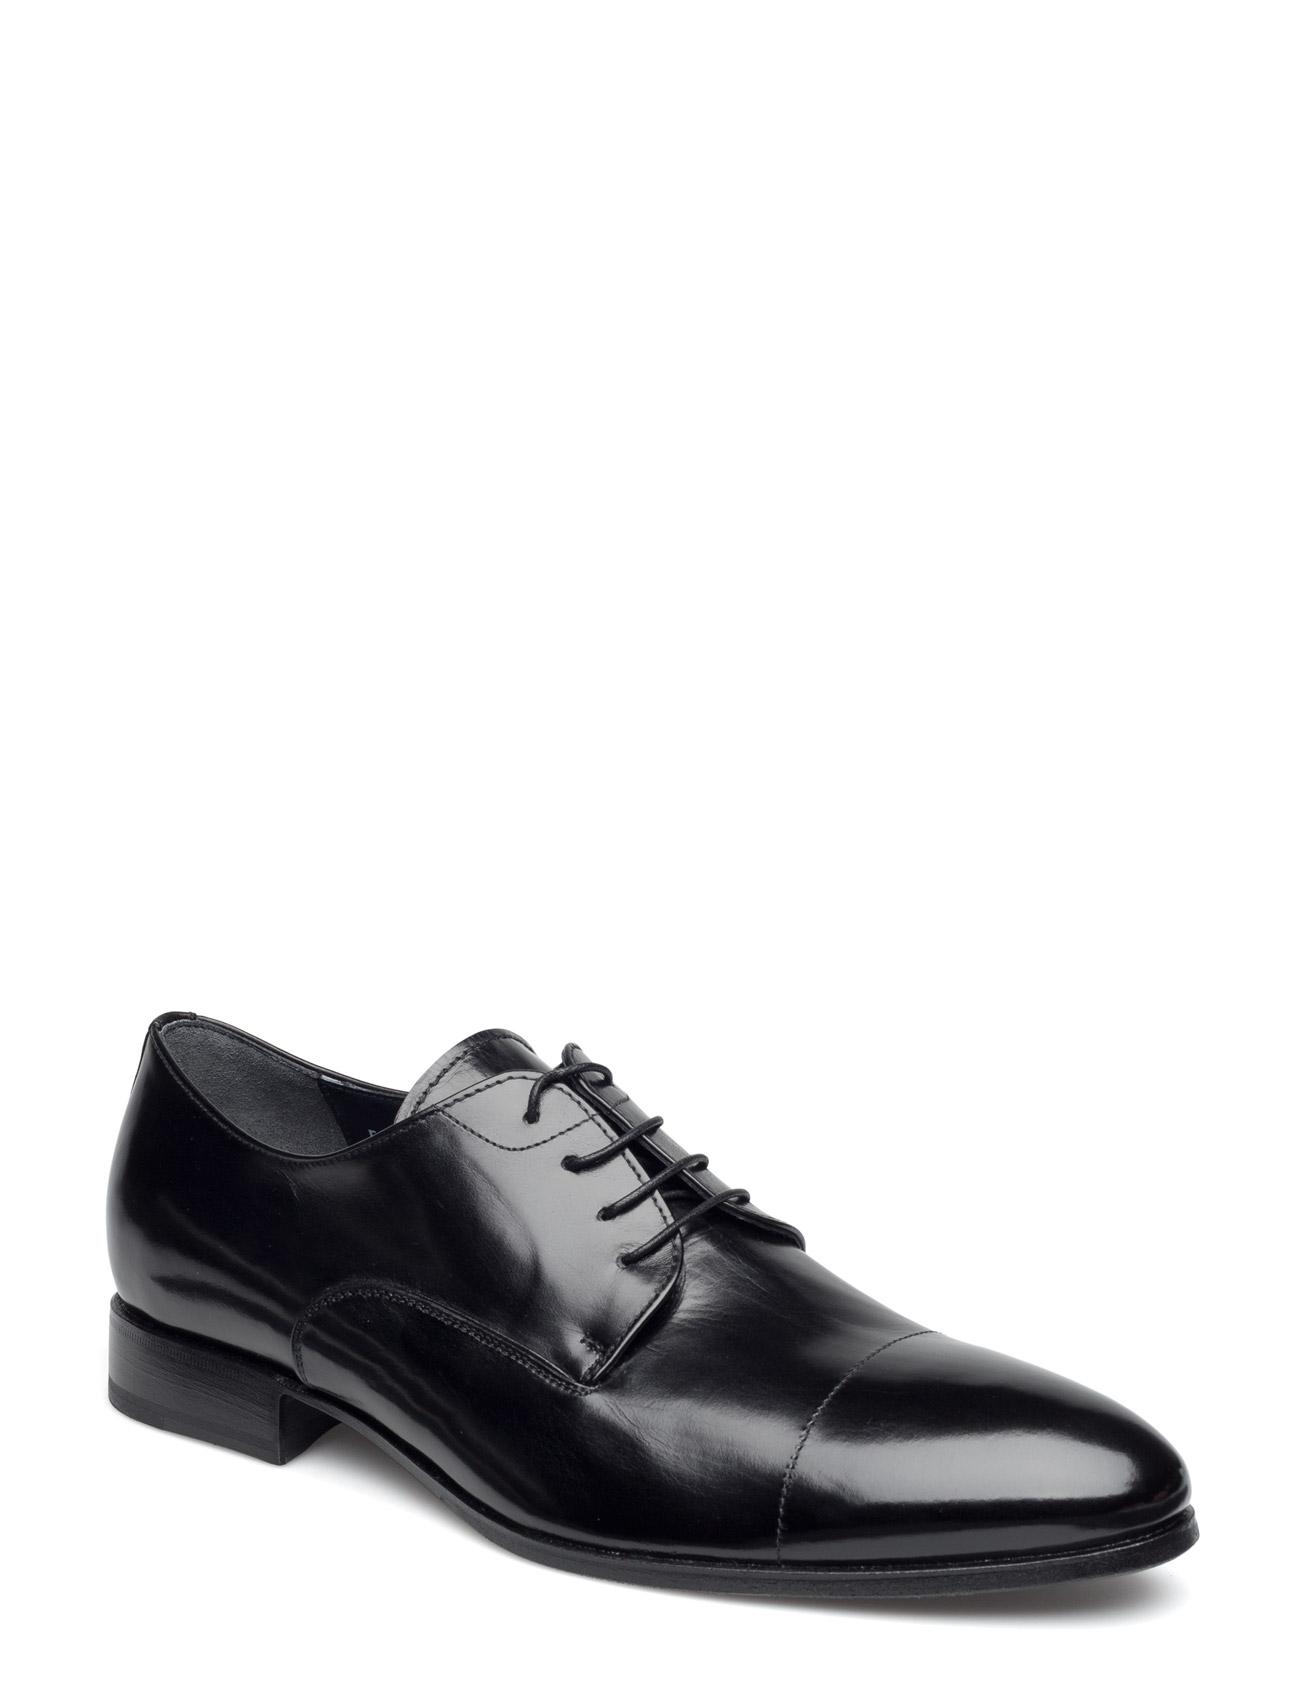 Footwear - F139 SAND Business til Mænd i Sort